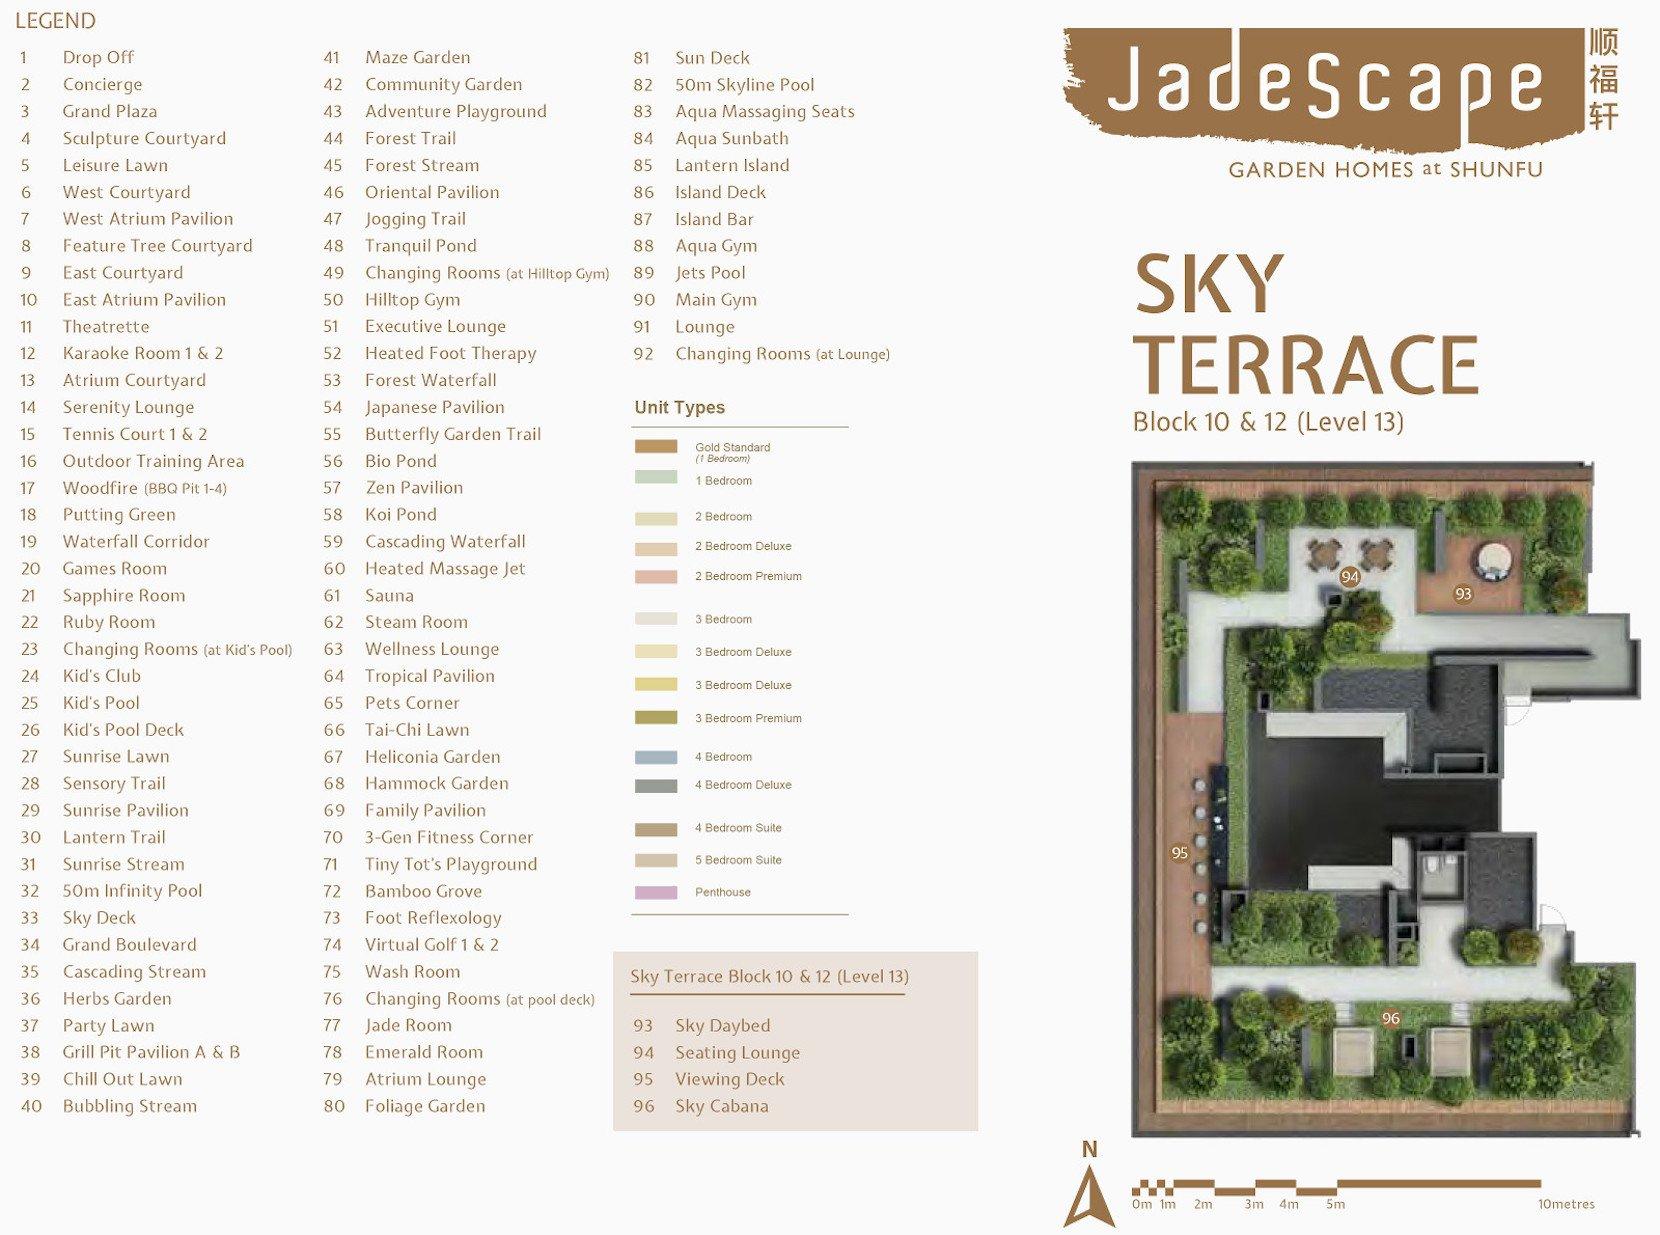 JadeScape Condo facilities and Sky Garden